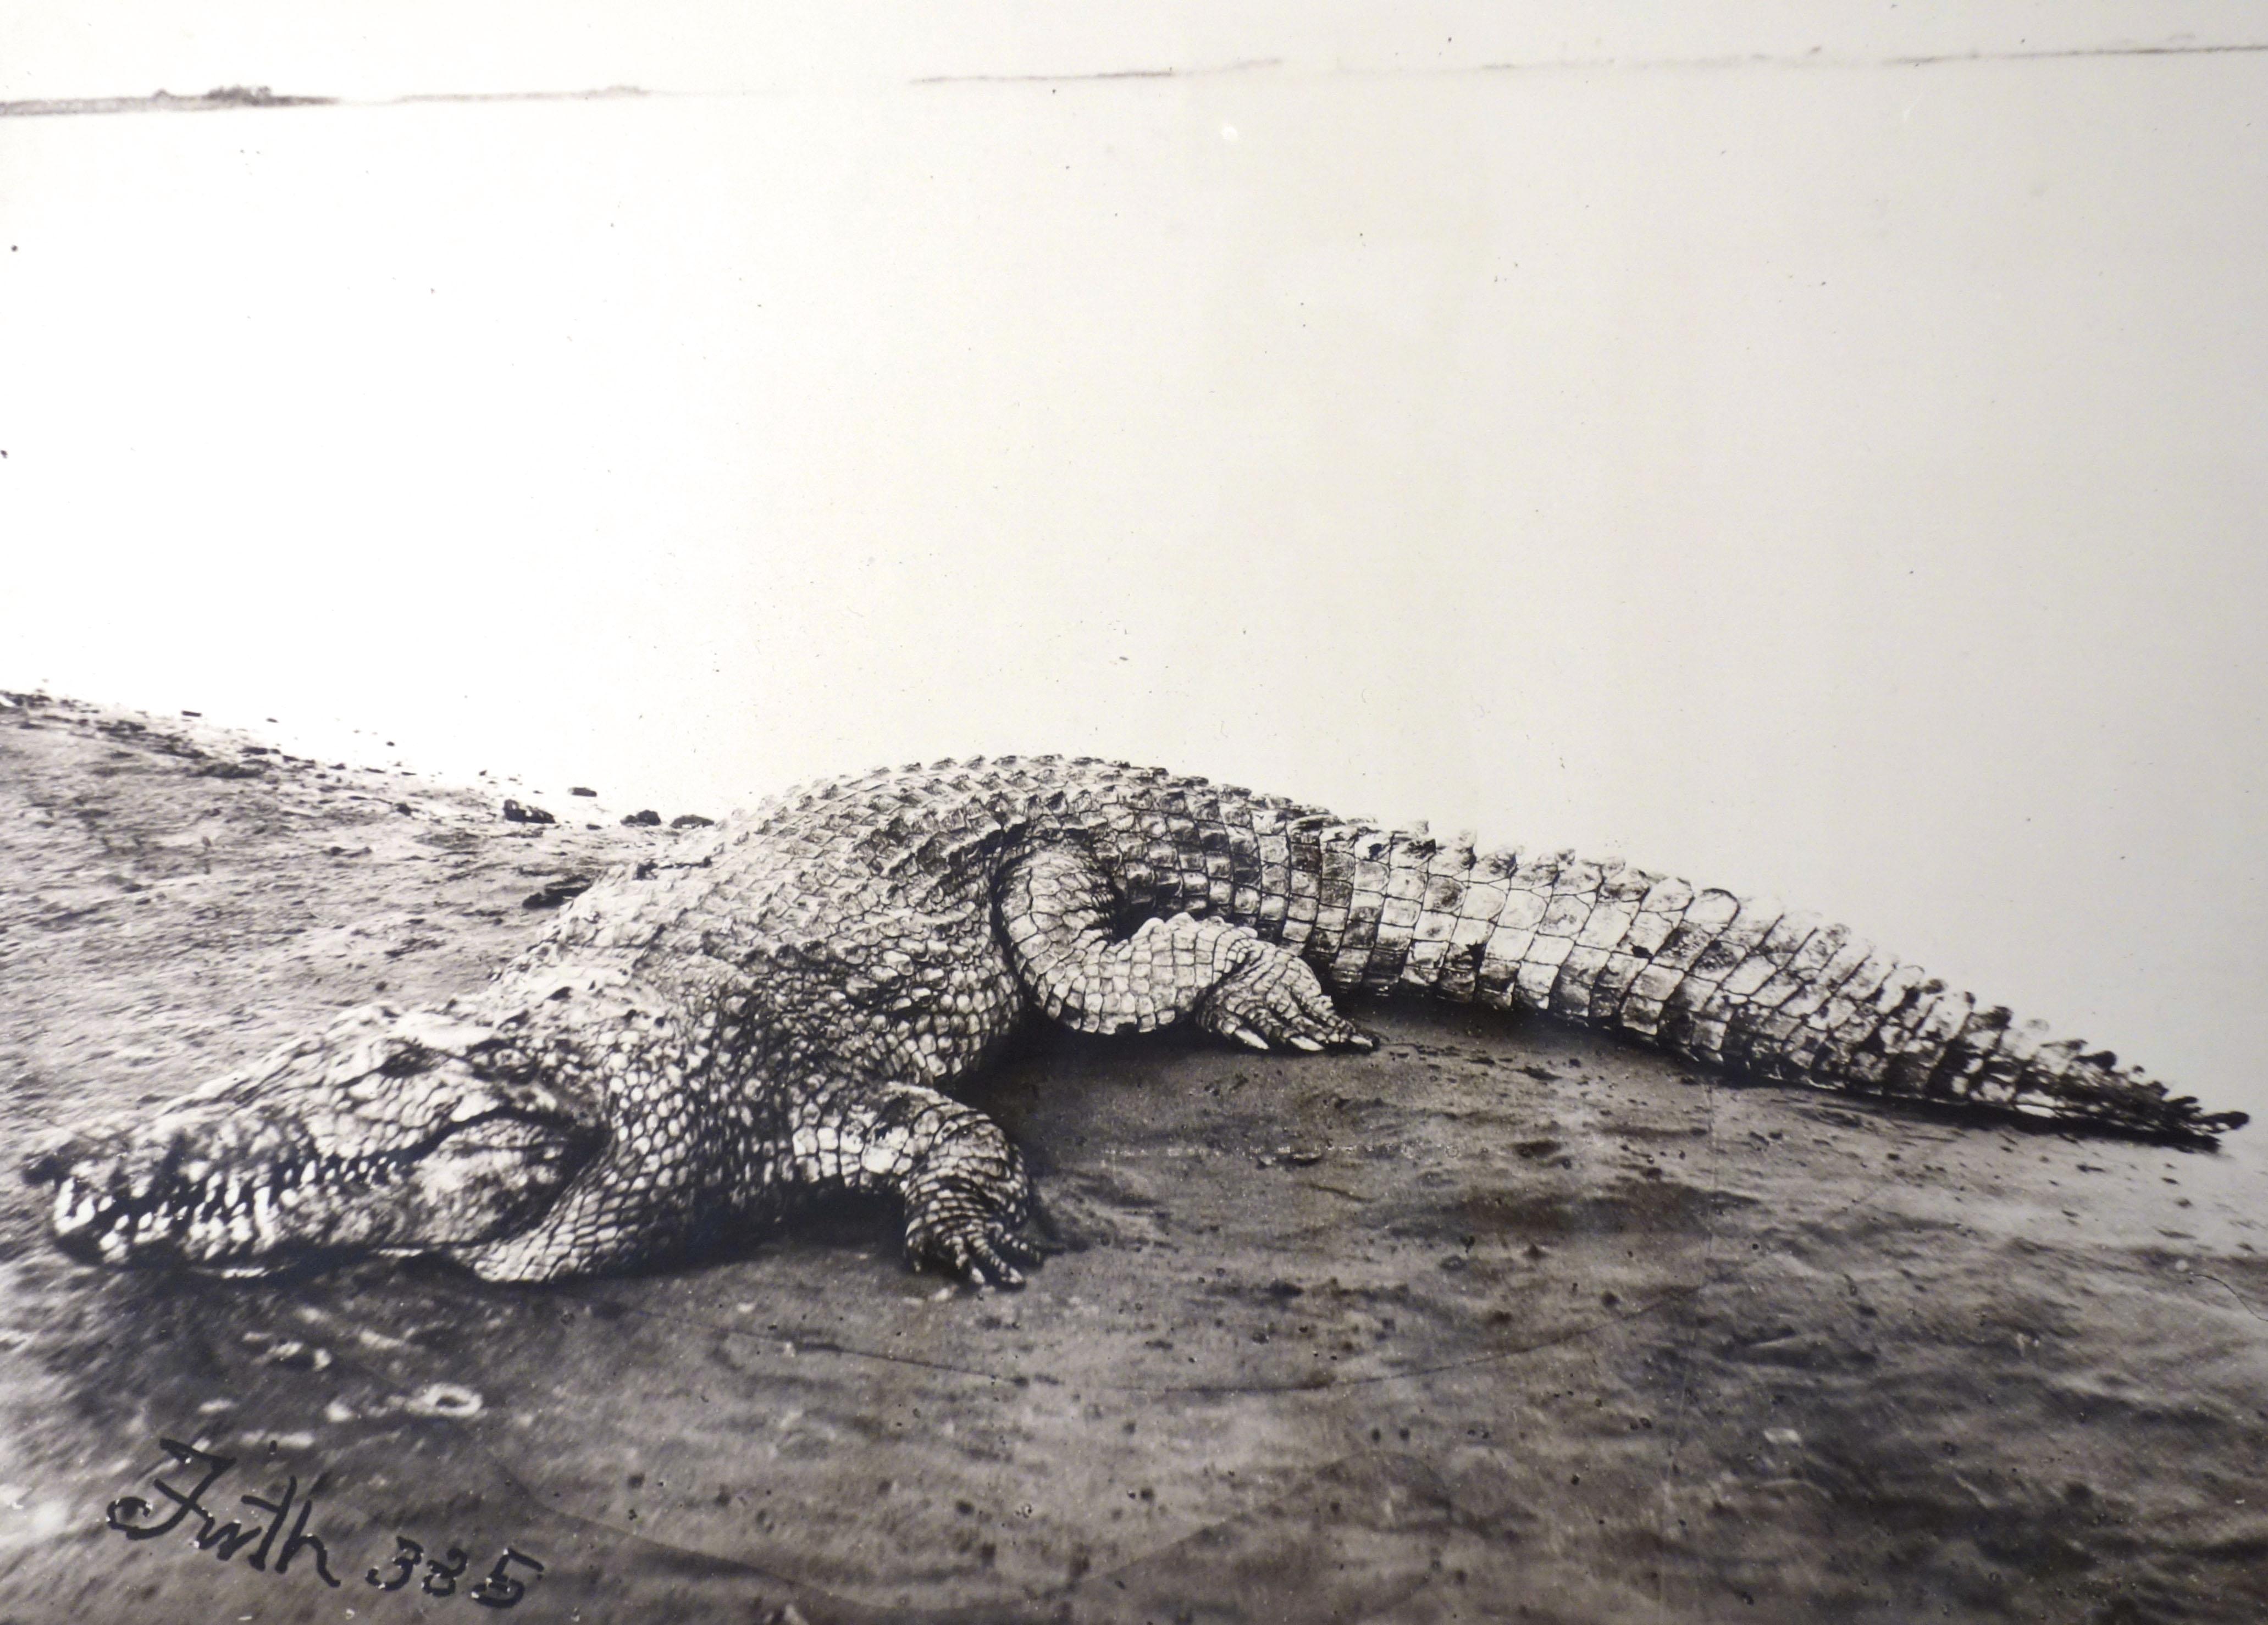 Fotó: Francis Frith: Krokodil a Nílus egy homokzátonyán (szignált sztereo felvétel), 1857, 28,5 x 40 cm, sztereo fénykép